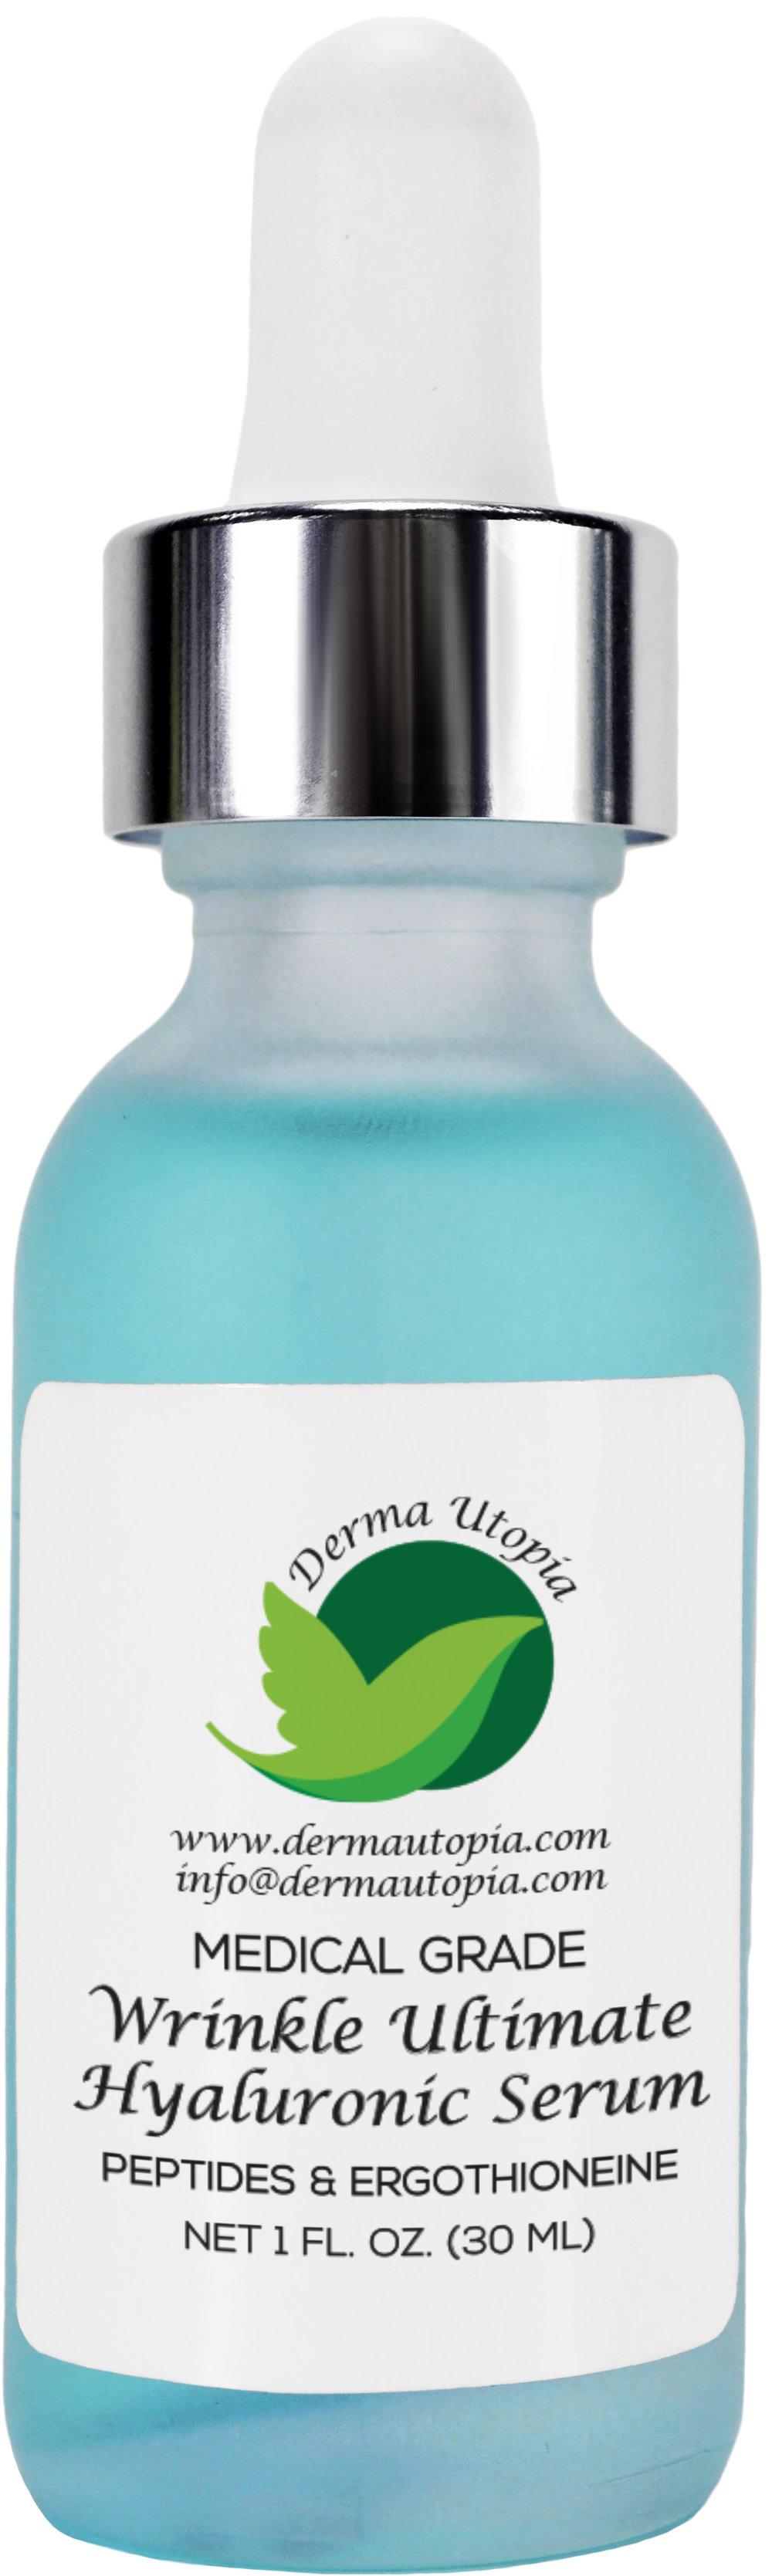 Wrinkle Ultimate Hyaluronic Serum